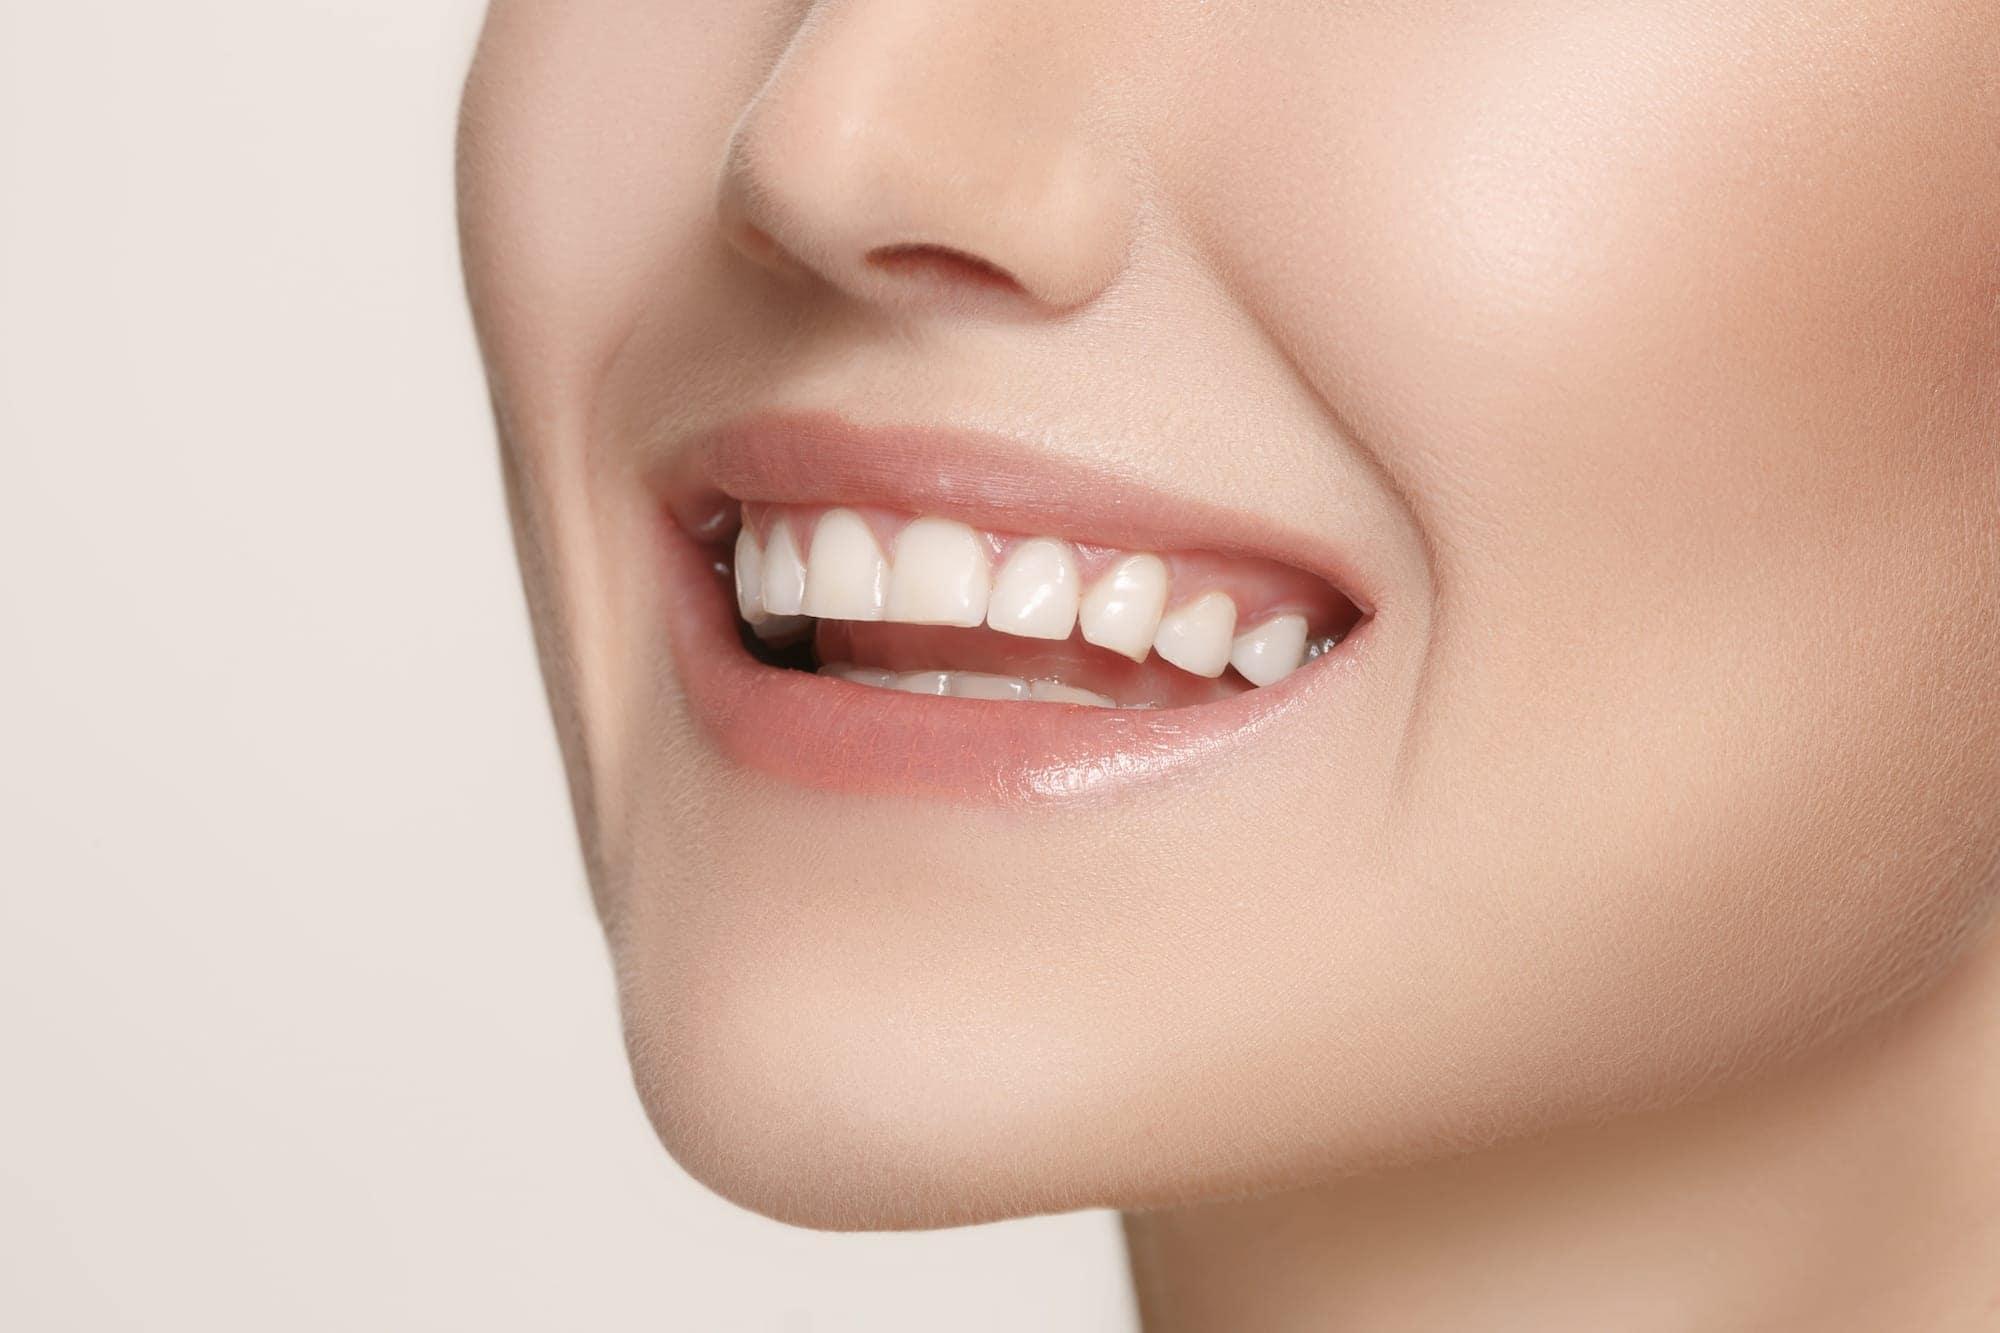 Зубы в улыбке